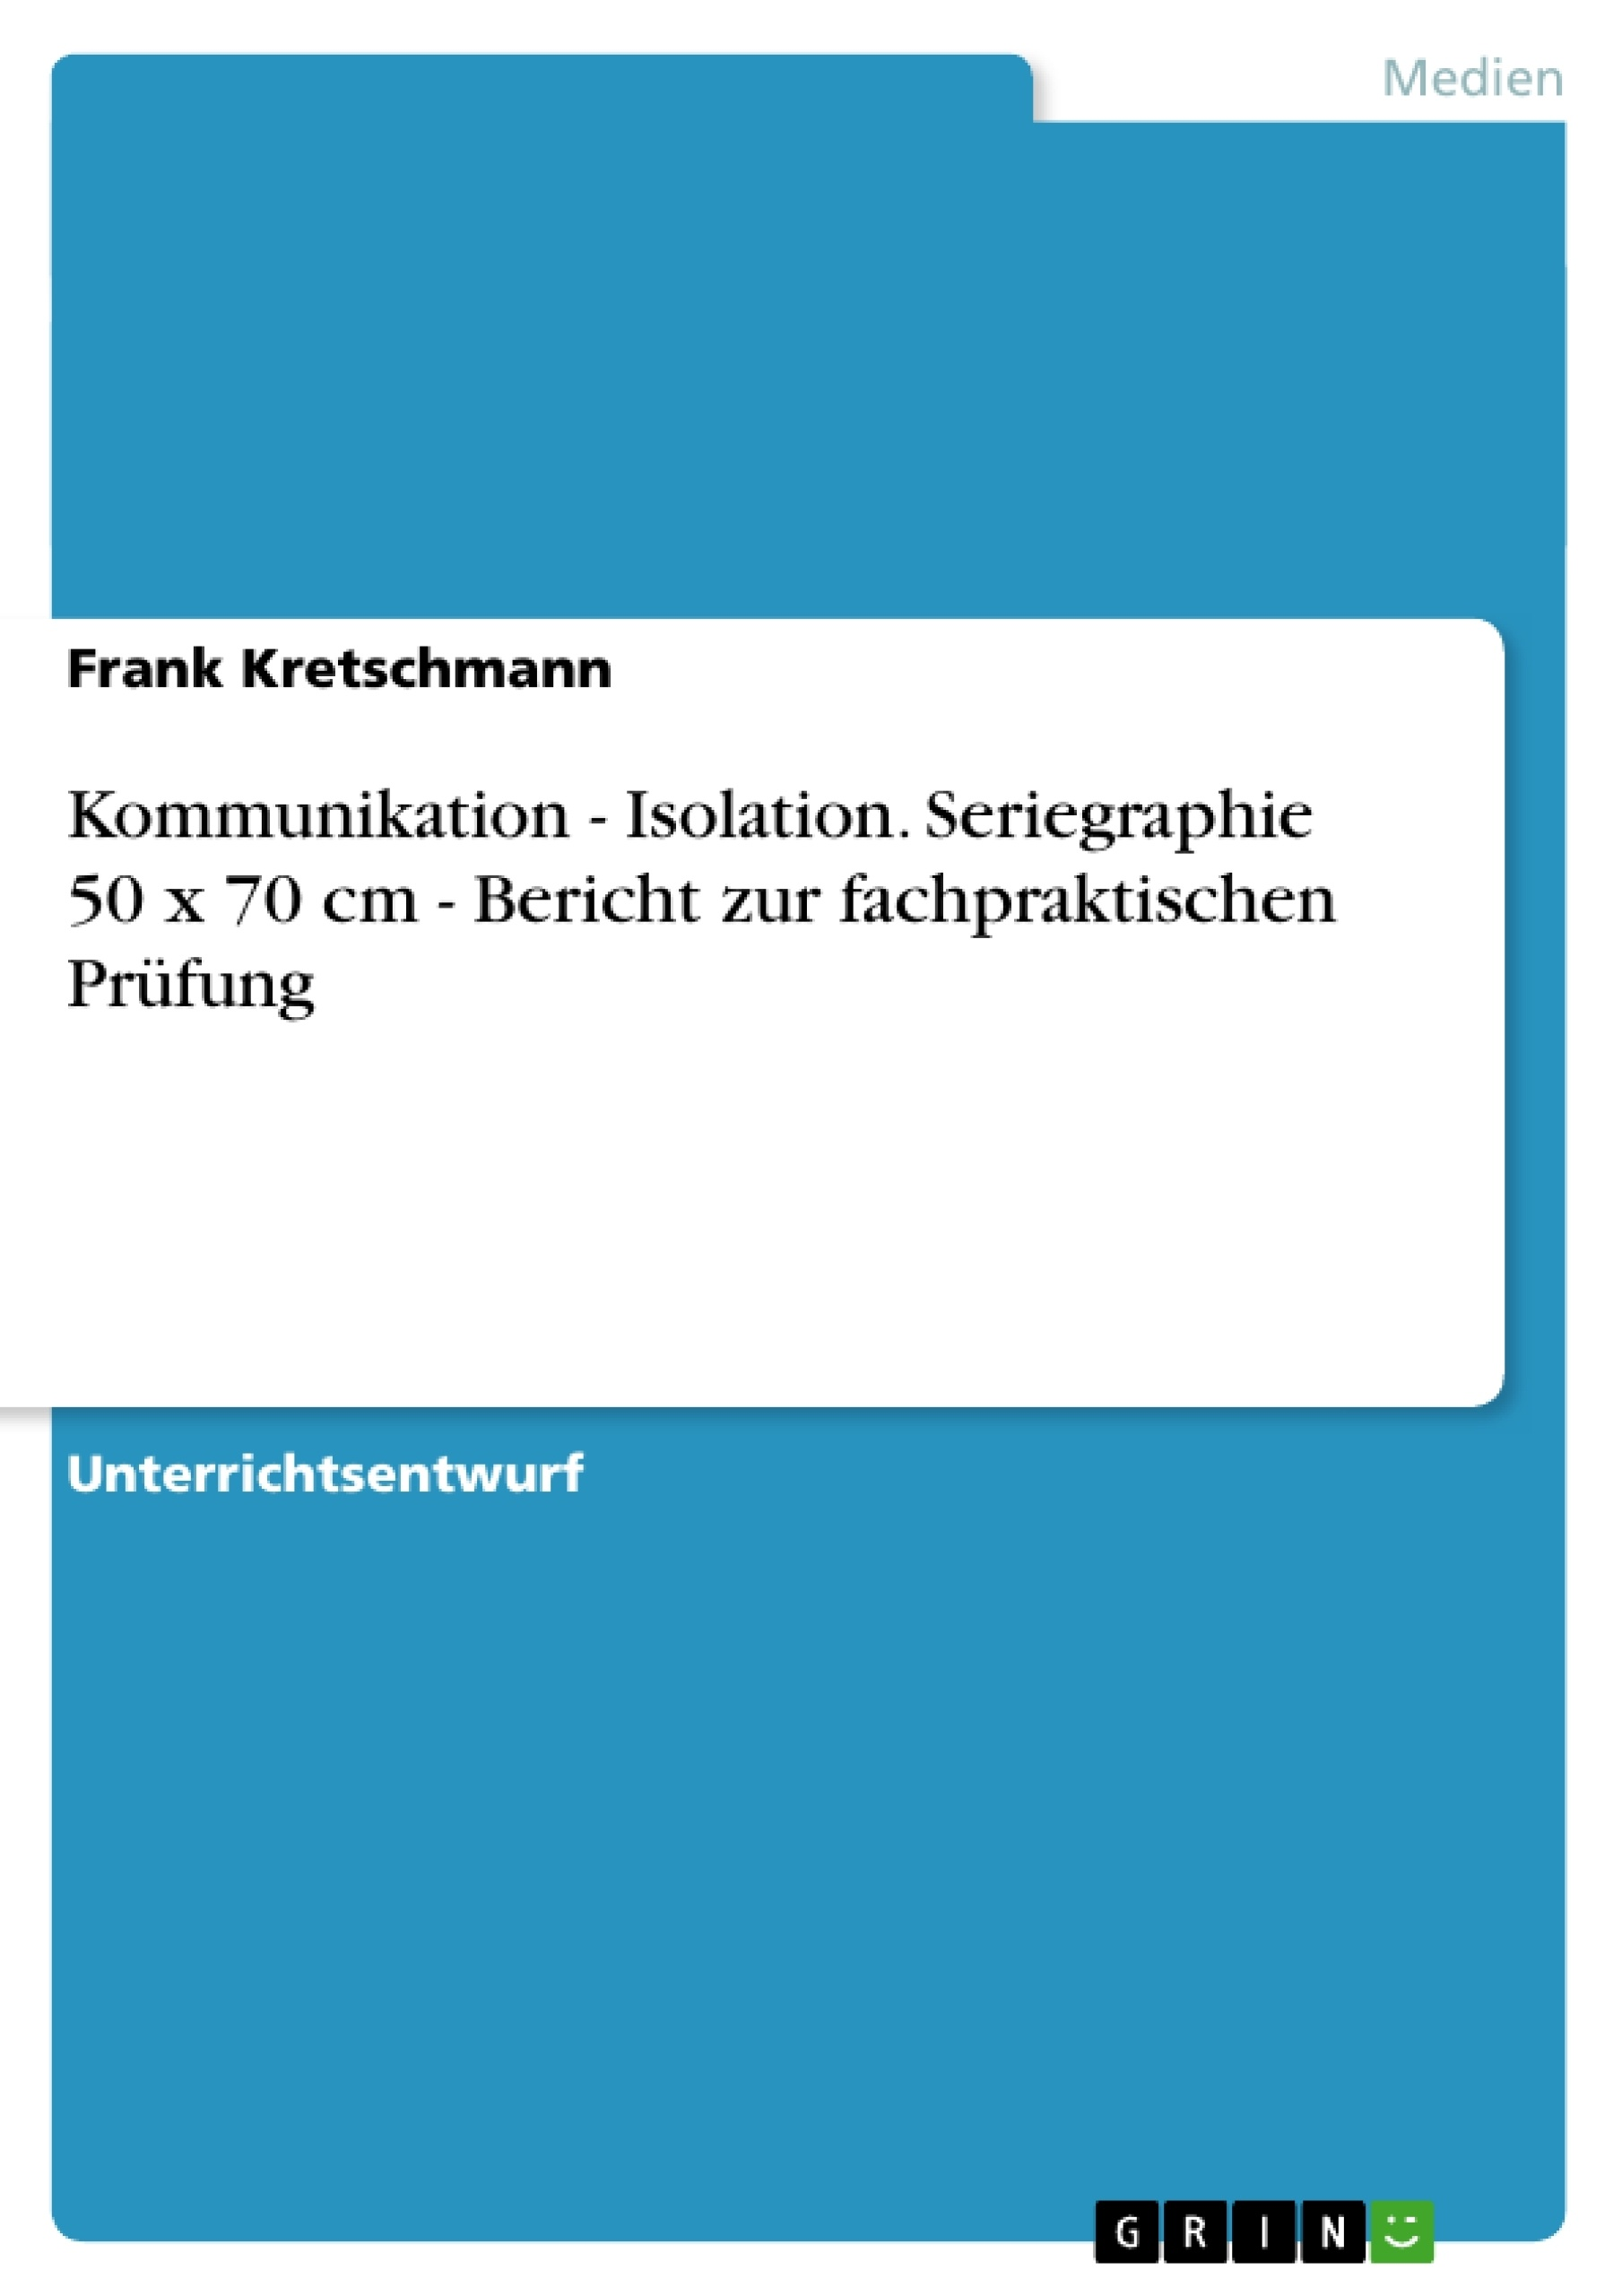 Titel: Kommunikation - Isolation. Seriegraphie 50 x 70 cm - Bericht zur fachpraktischen Prüfung